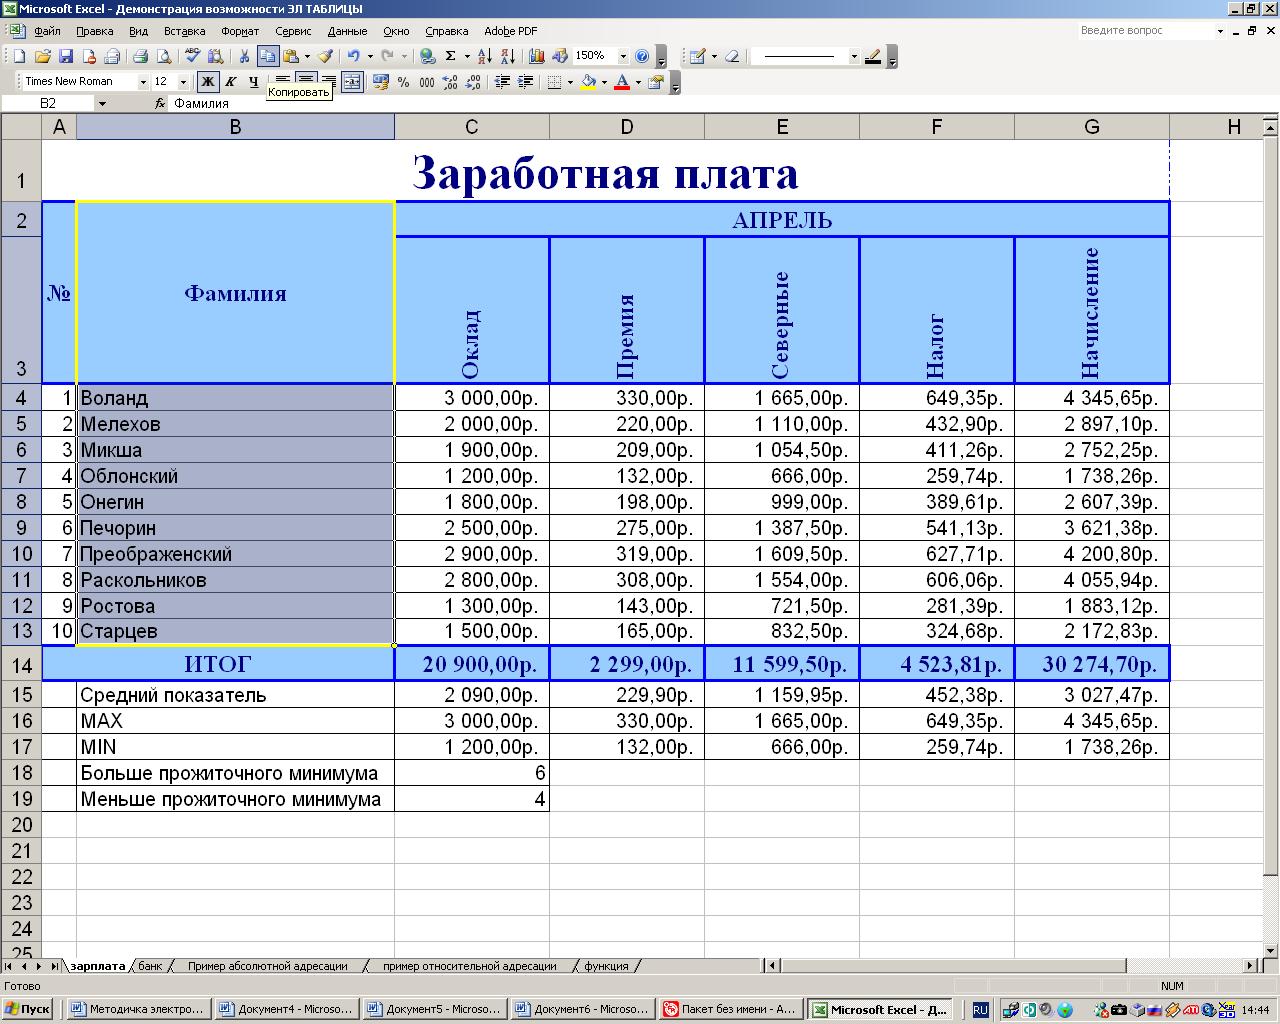 Составление таблиц в excel фриланс фриланс суть работы